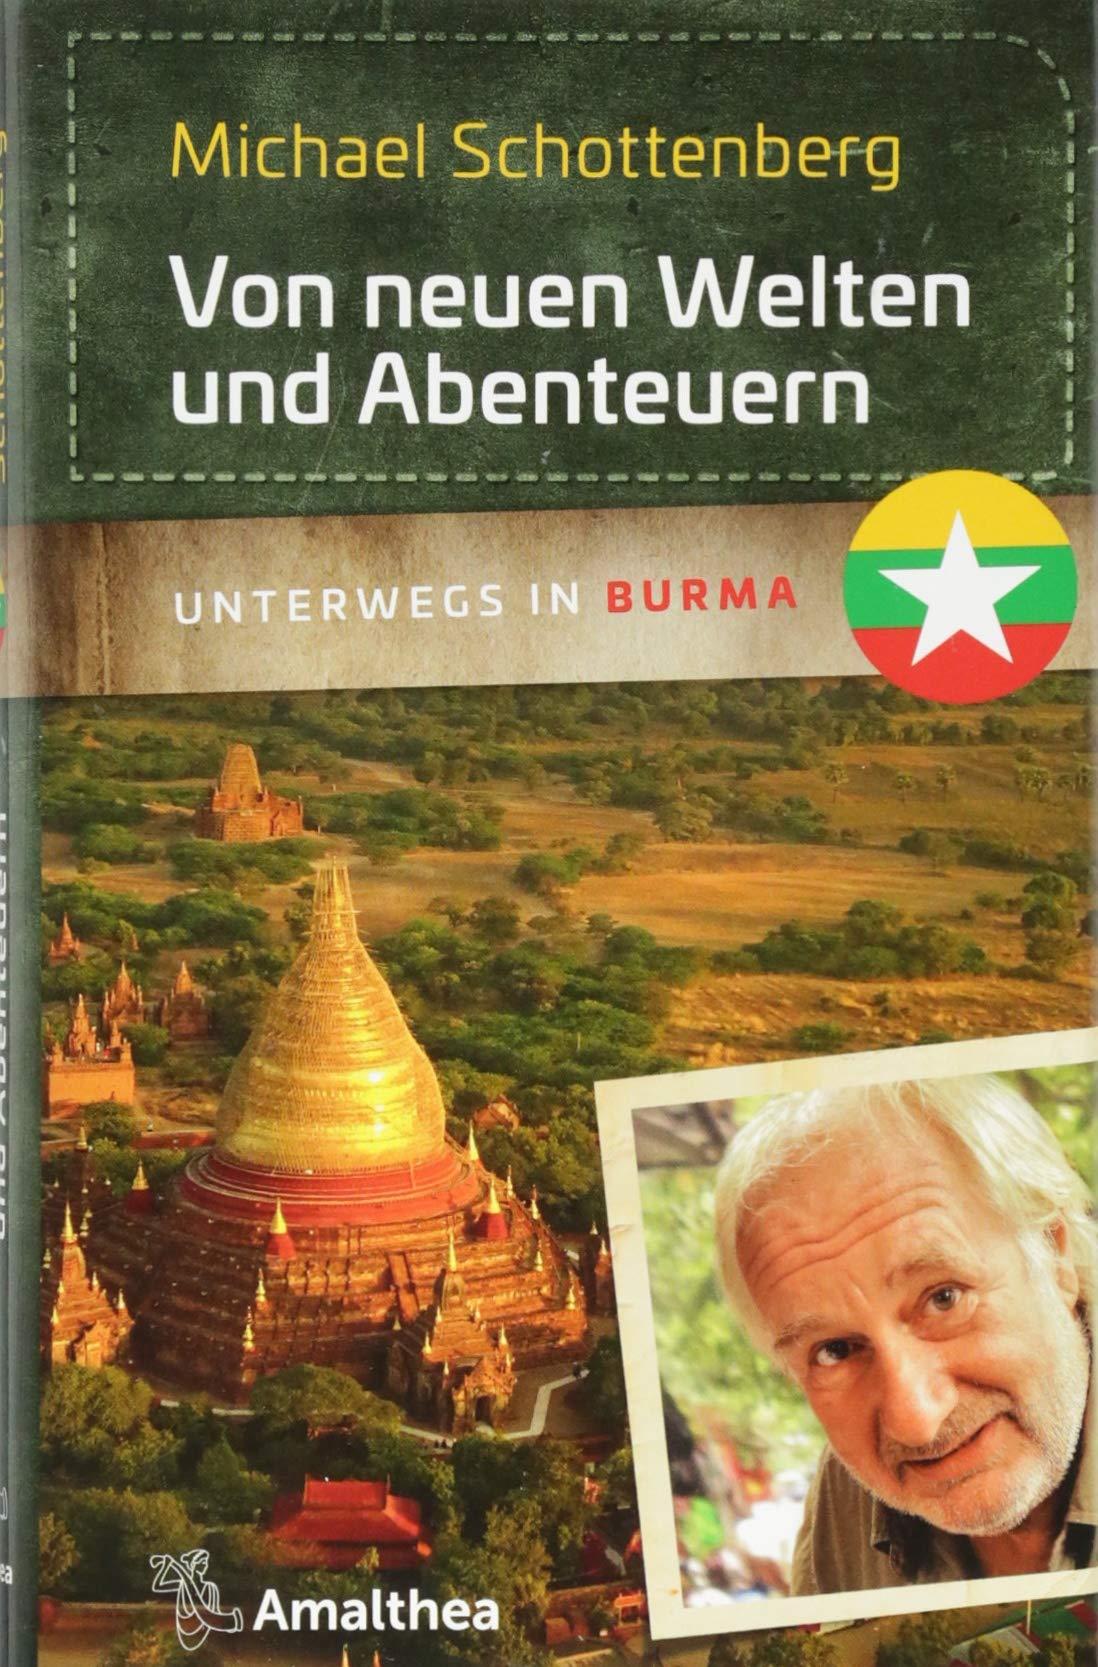 Von neuen Welten und Abenteuern: Unterwegs in Burma Gebundenes Buch – 1. August 2018 Michael Schottenberg Amalthea Signum 3990500899 Reiseberichte / Asien